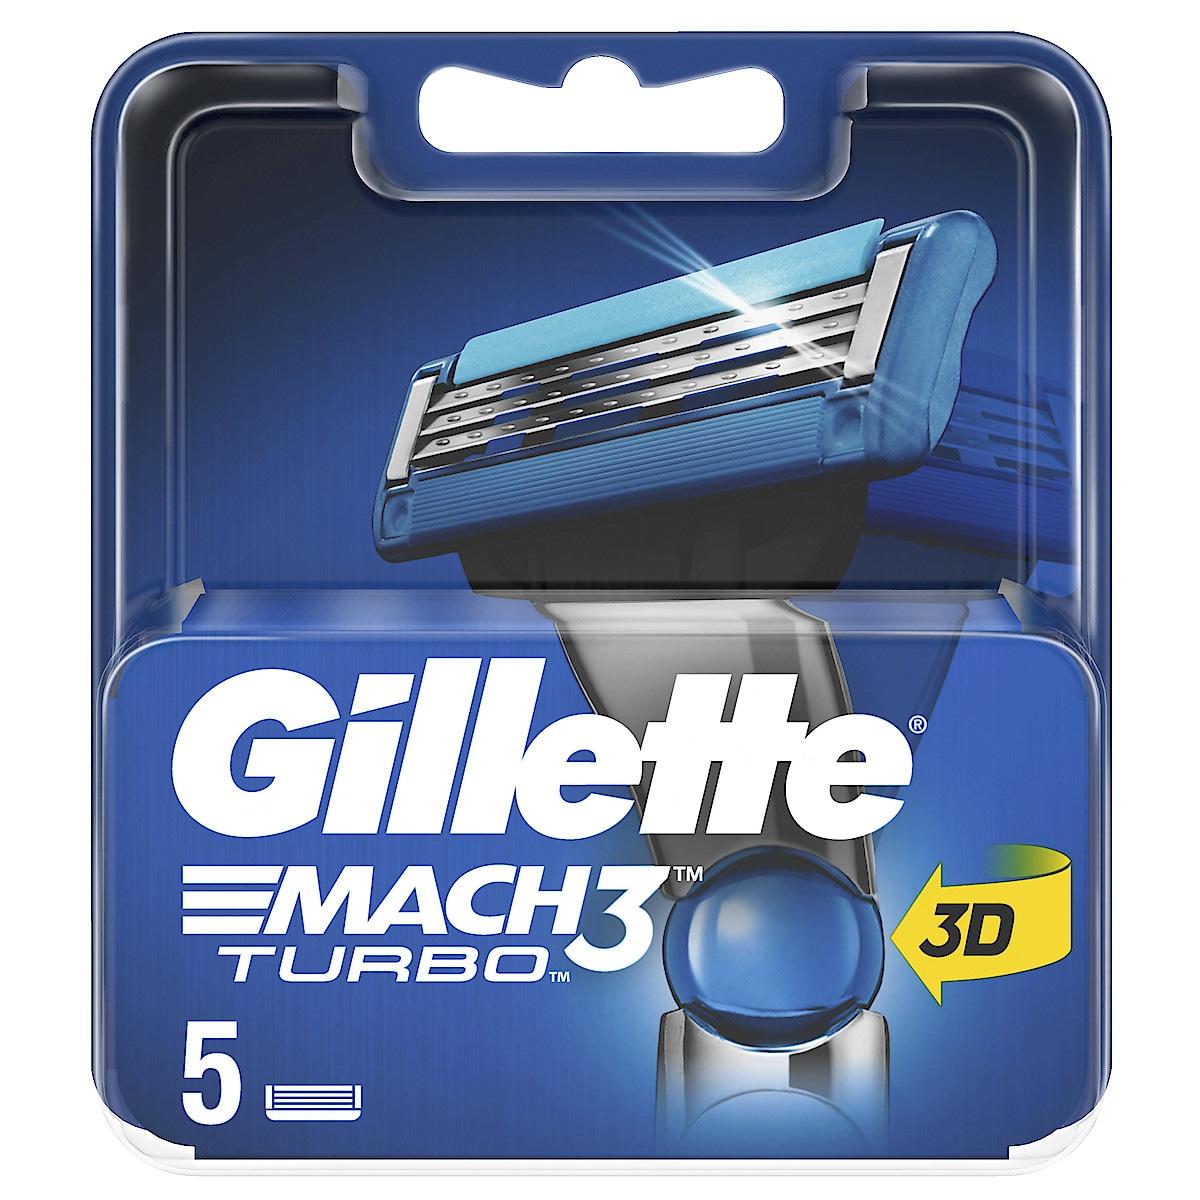 Gillette Mach3 Turbo barberblader, 5-pack